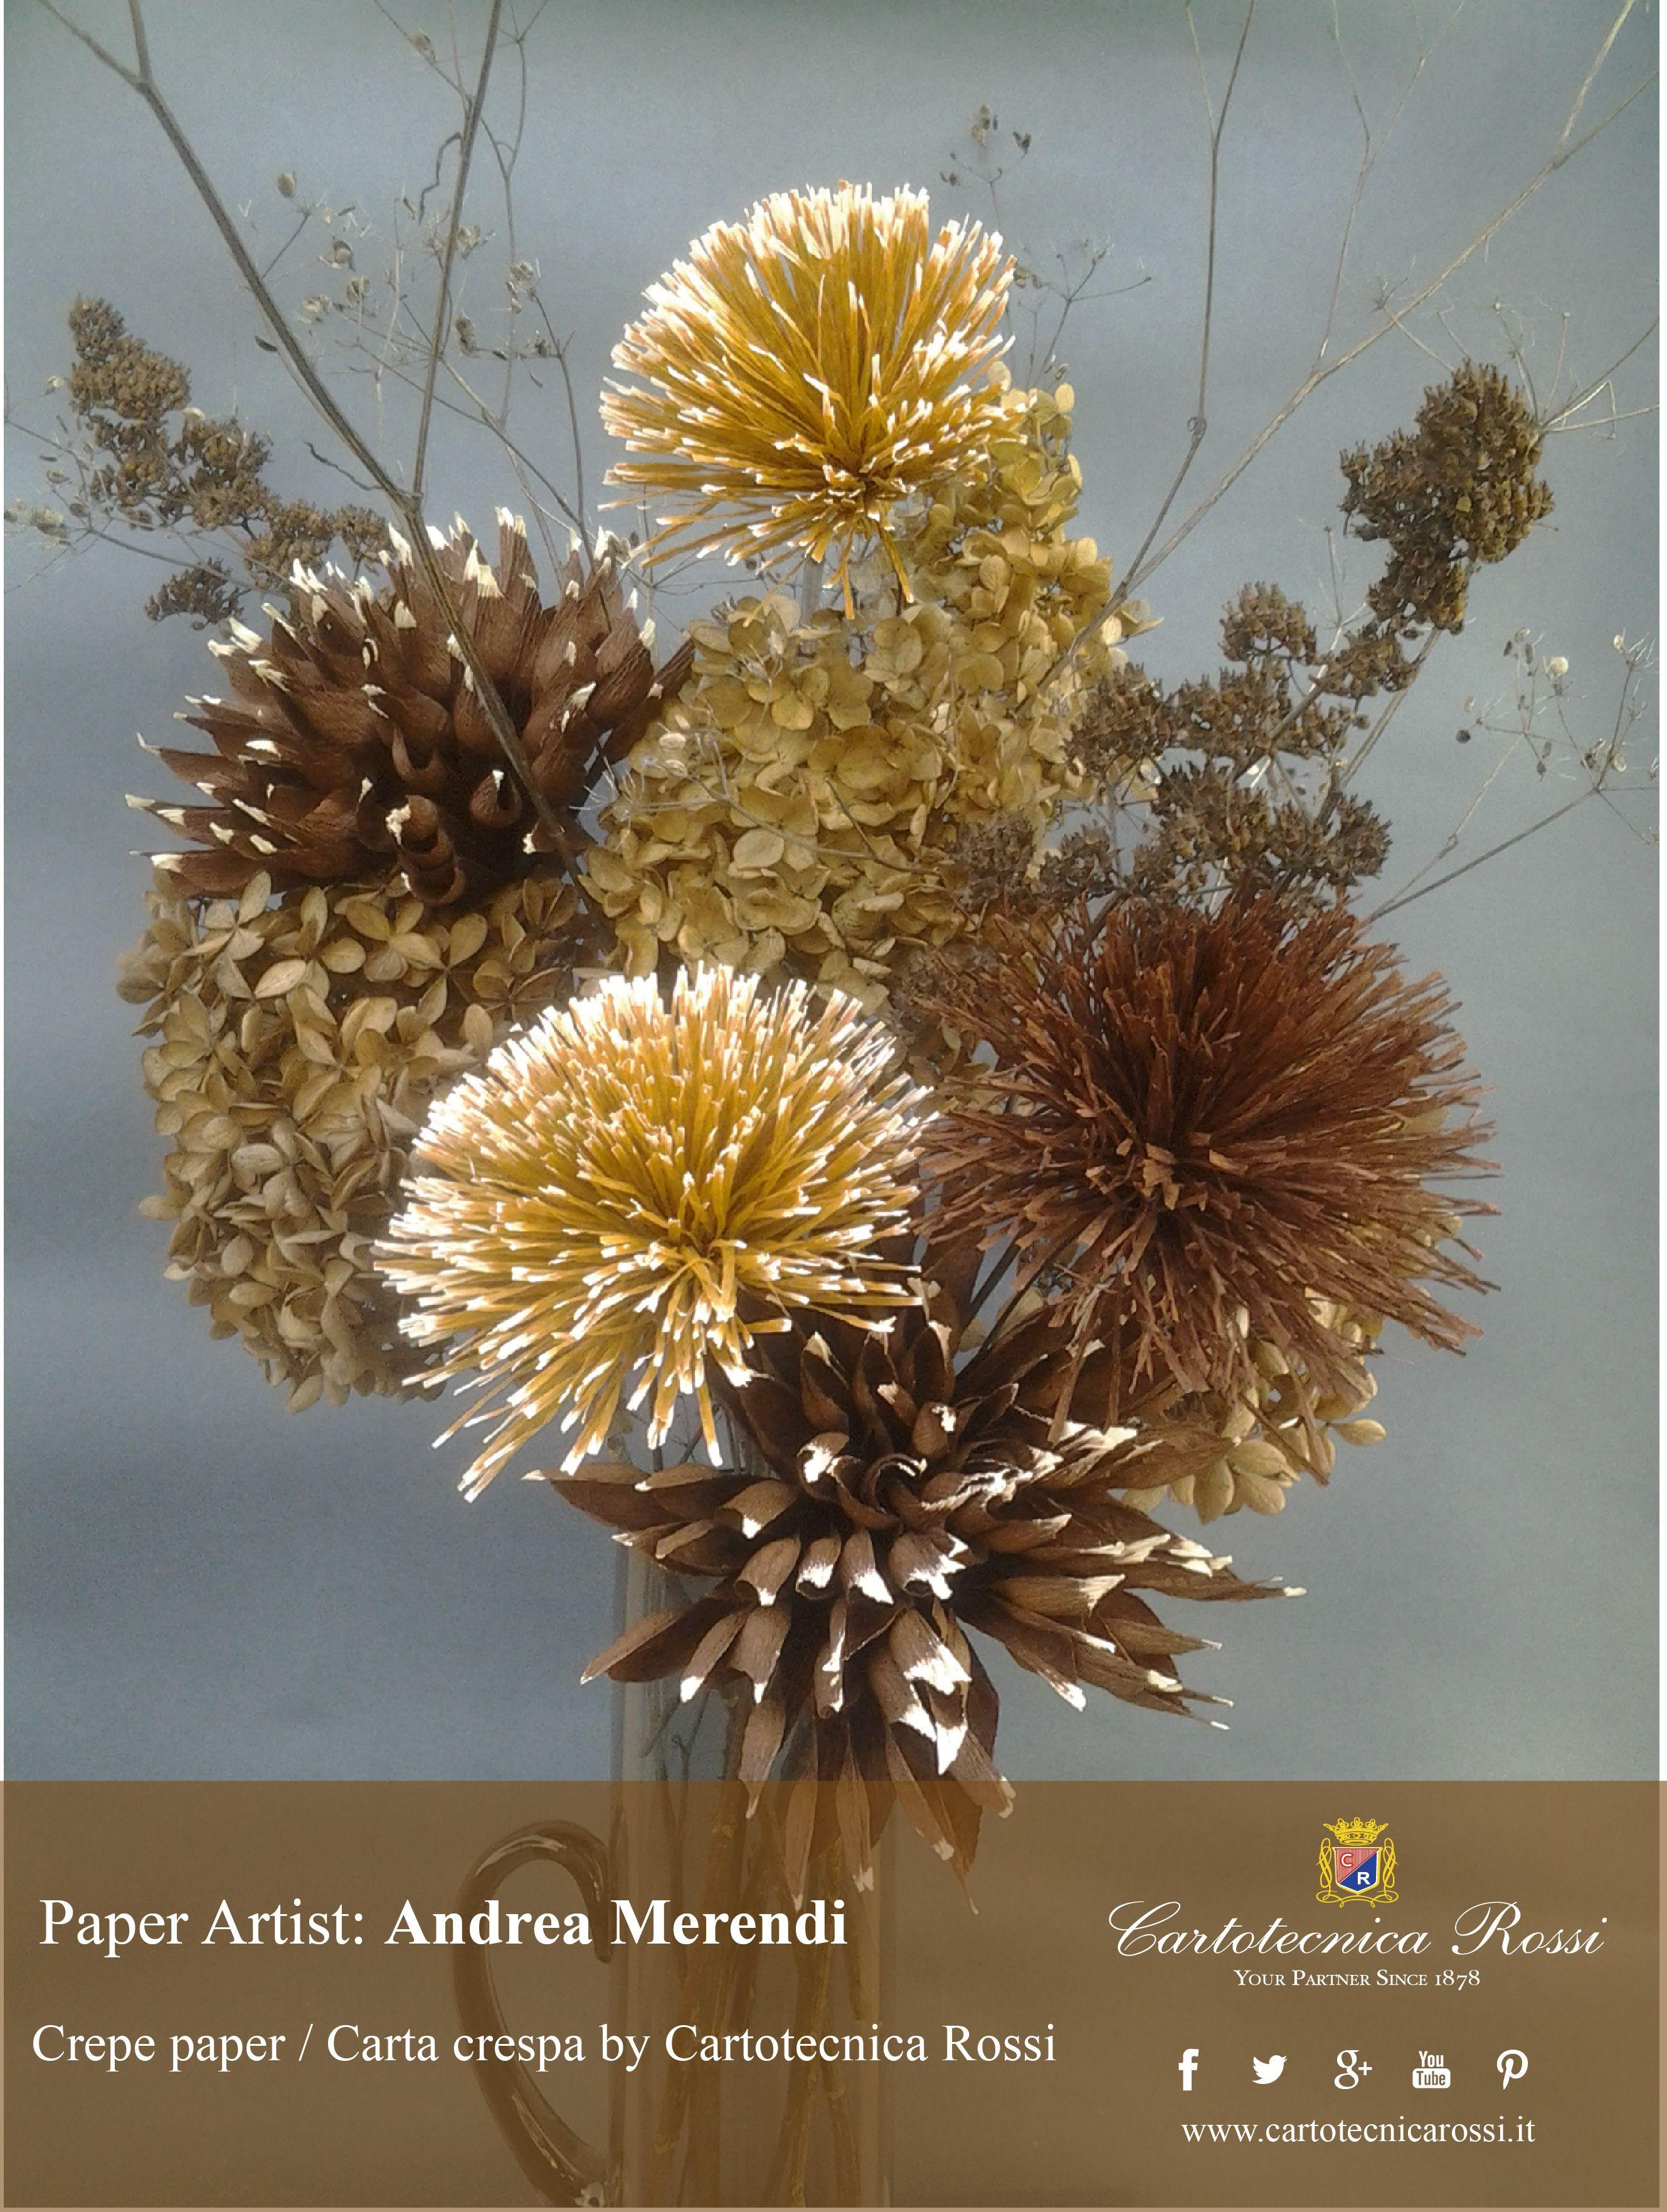 Papaveri Di Carta Crespa fiori di carta crespa realizzati da andrea merendi / crepe